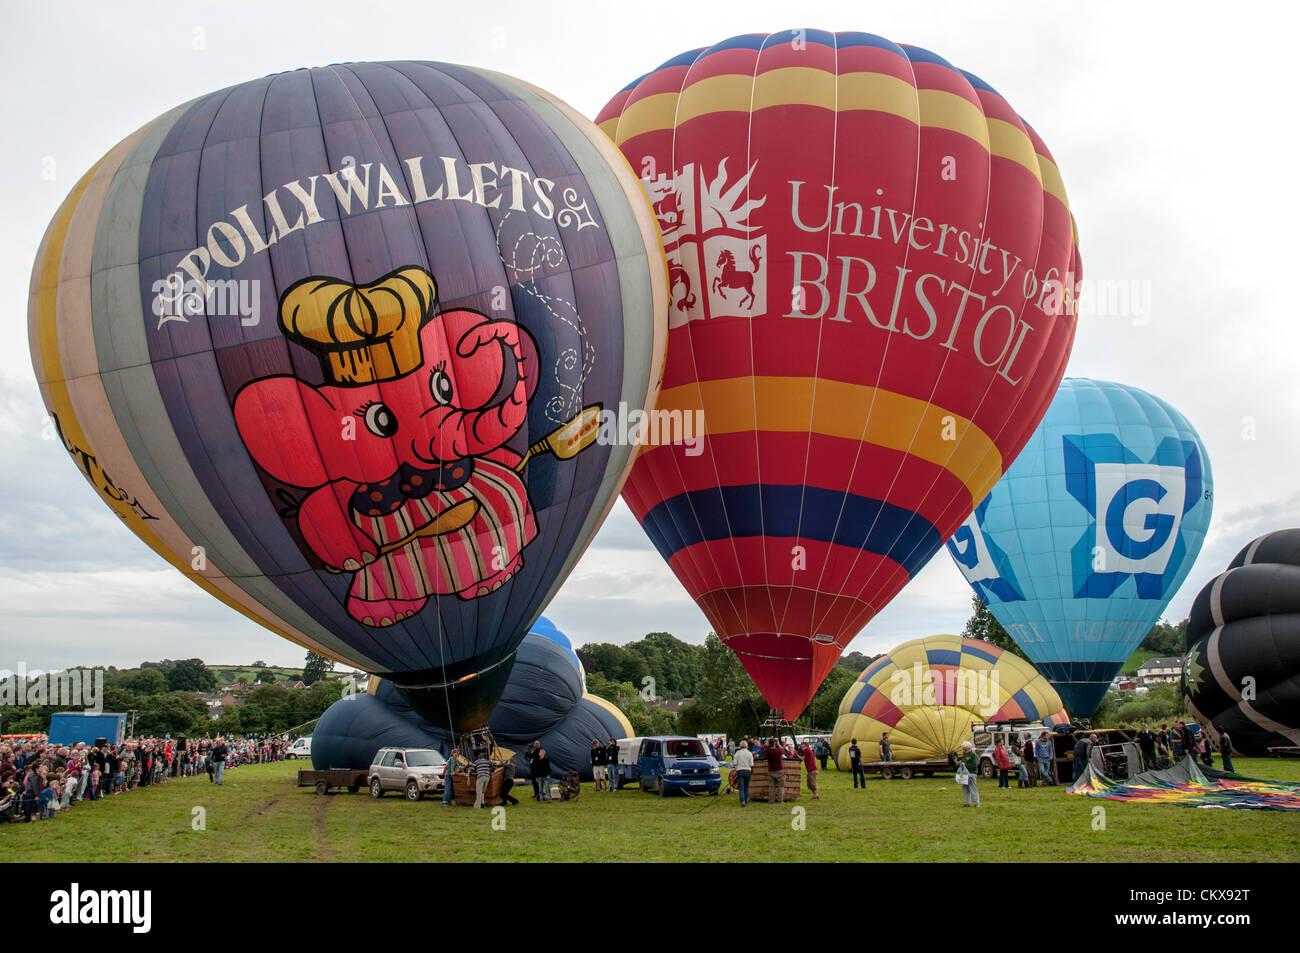 26. August 2012. Die G-POLY, 1978 CAMERON N-77 Pollywallets Ballon Cameron-Z Serie (UK) (Gottex) (Z-90) (G-CCNN) Ballon und John Harris (G-CDWD) University of Bristol Ballon ist bereit für den Start auf dem Tiverton-Ballon-Festival in Tiverton, Devon, UK. Stockfoto